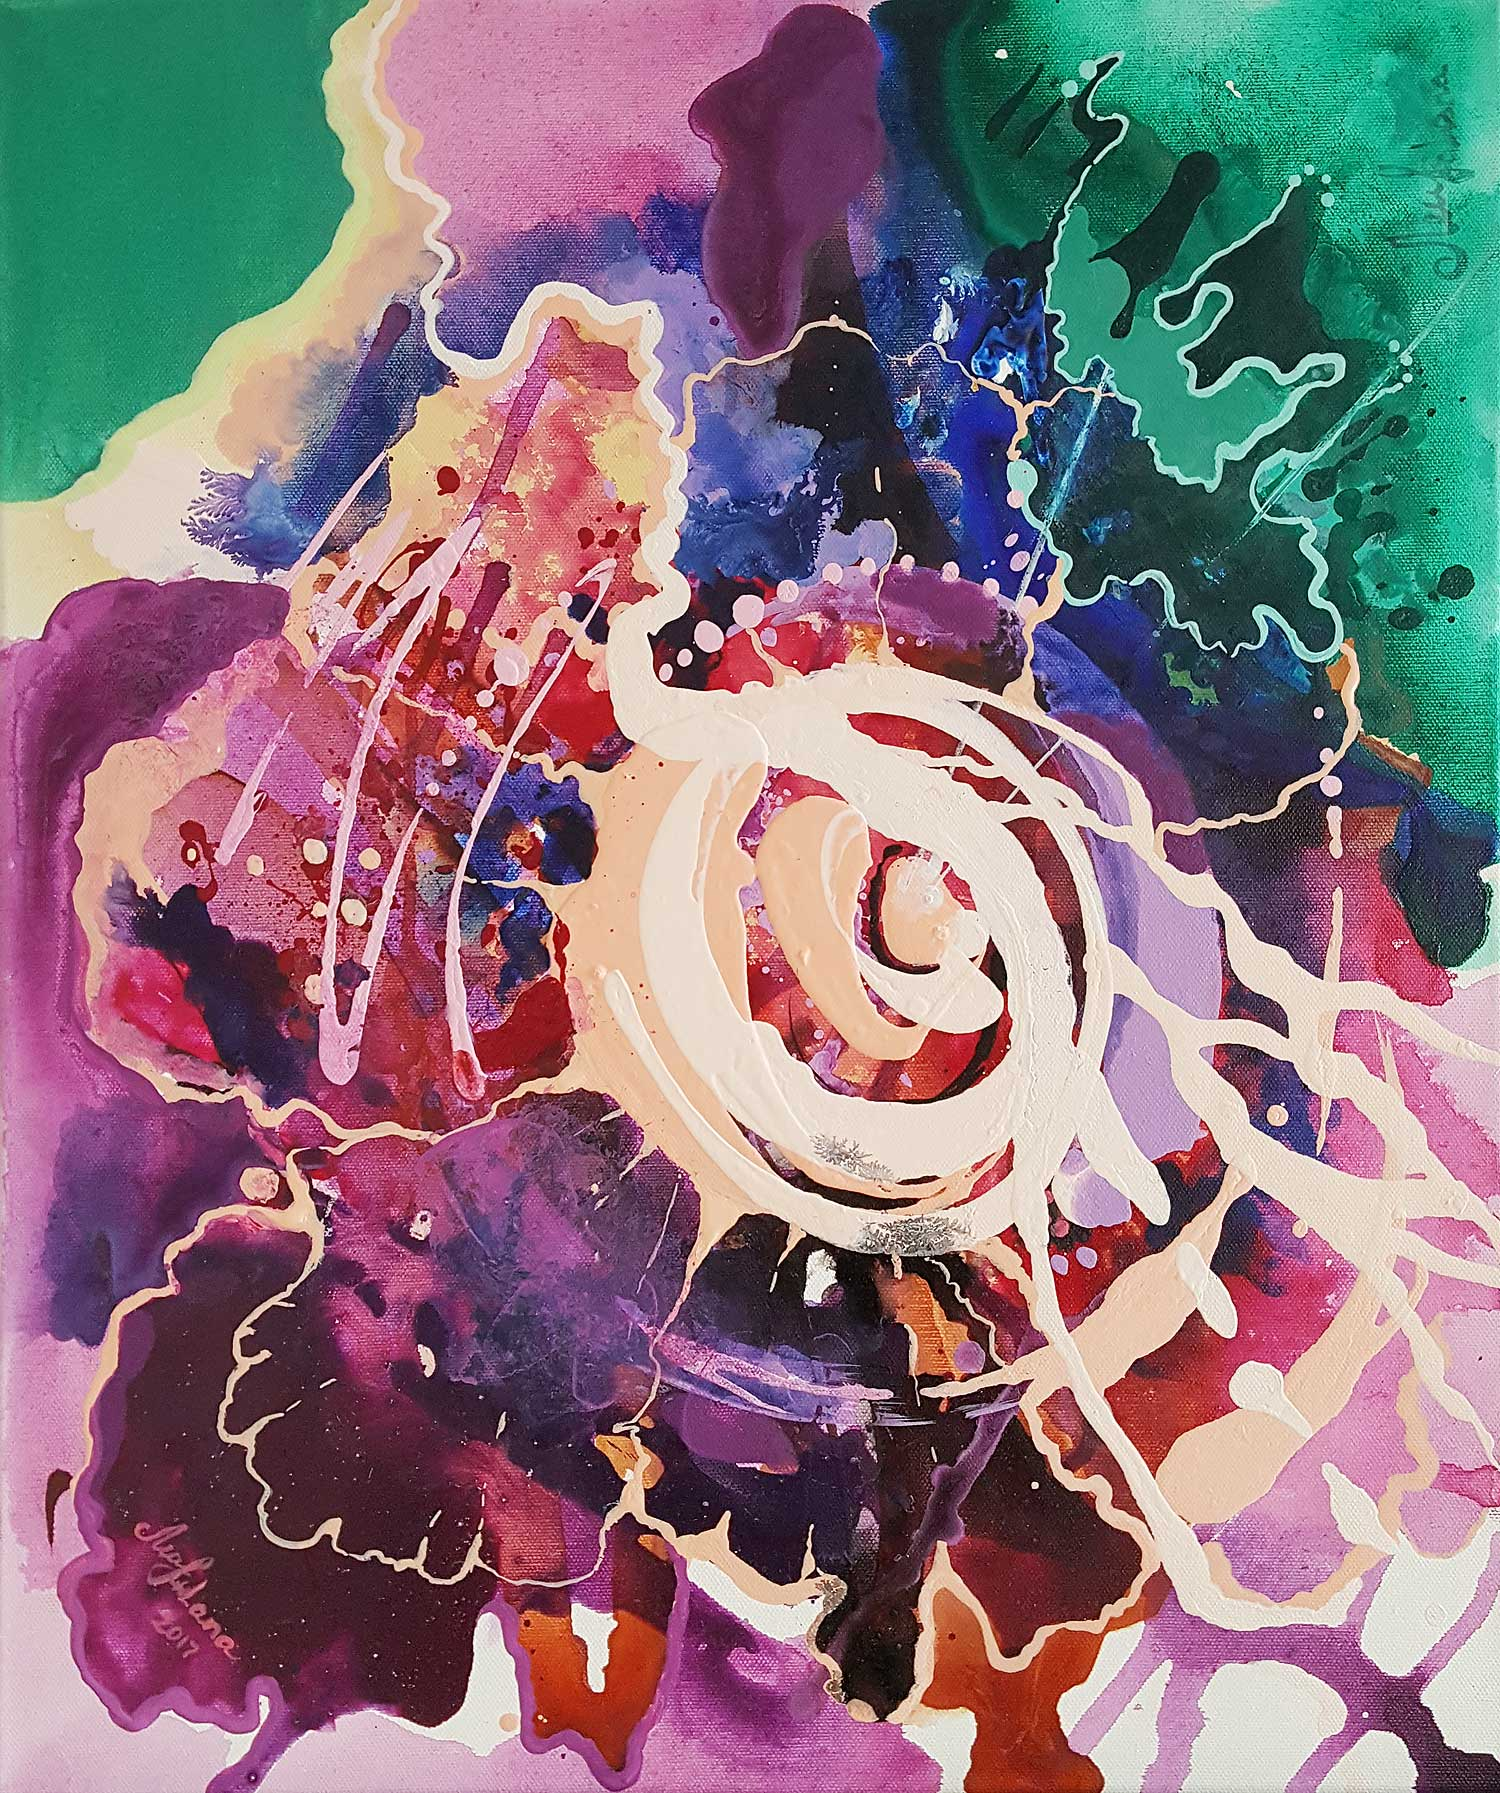 Lana-Leuchuk-Metamorphoses-Shaking-up-painting